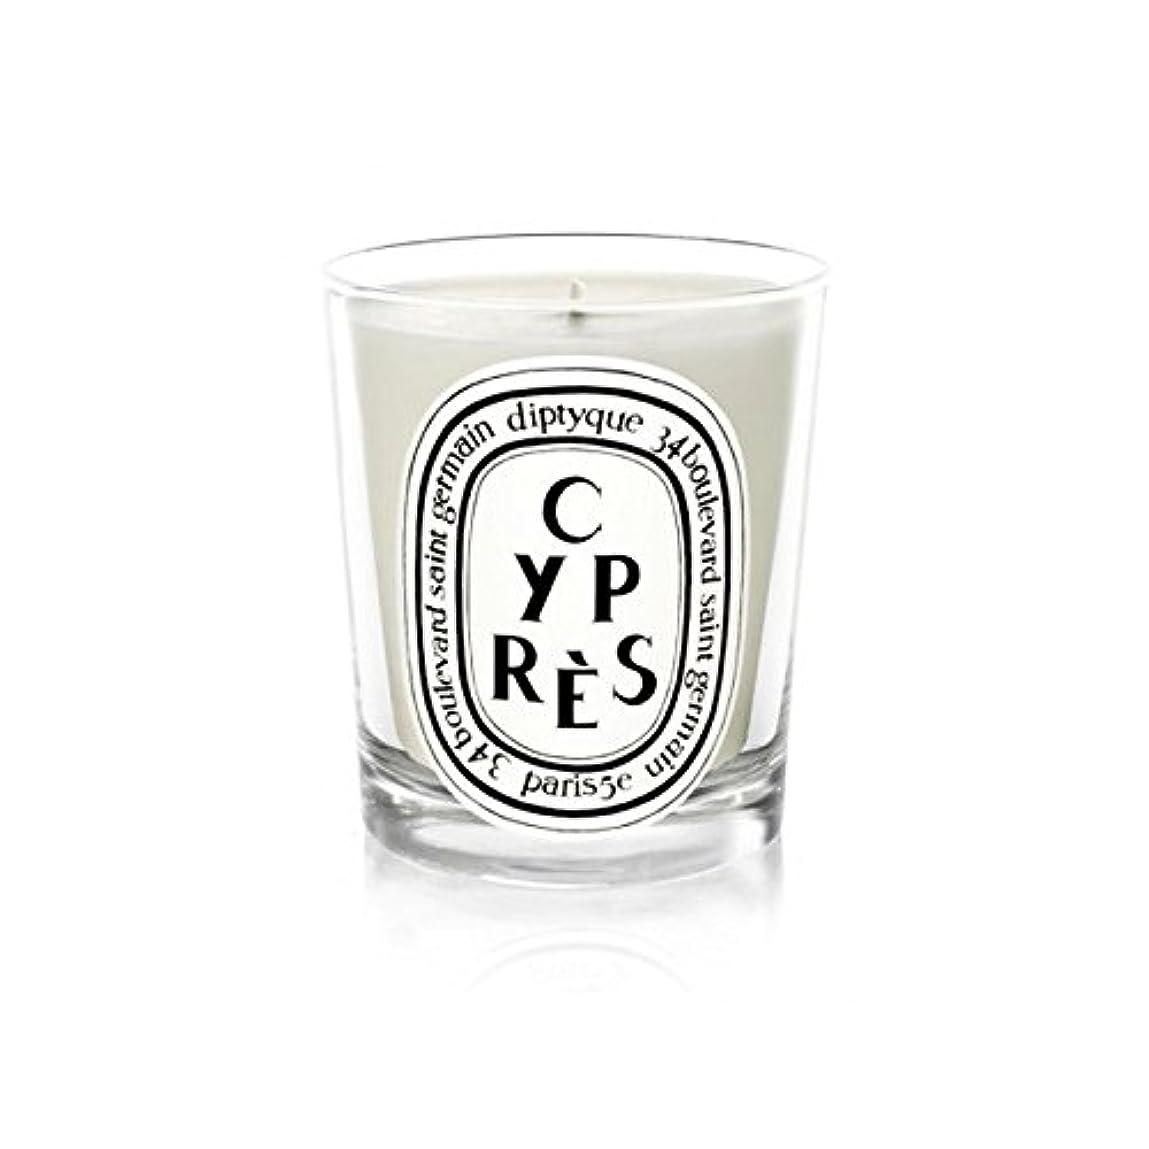 義務ファランクススーツケースDiptyqueキャンドルCypr?s/ヒノキ190グラム - Diptyque Candle Cypr?s / Cypress 190g (Diptyque) [並行輸入品]